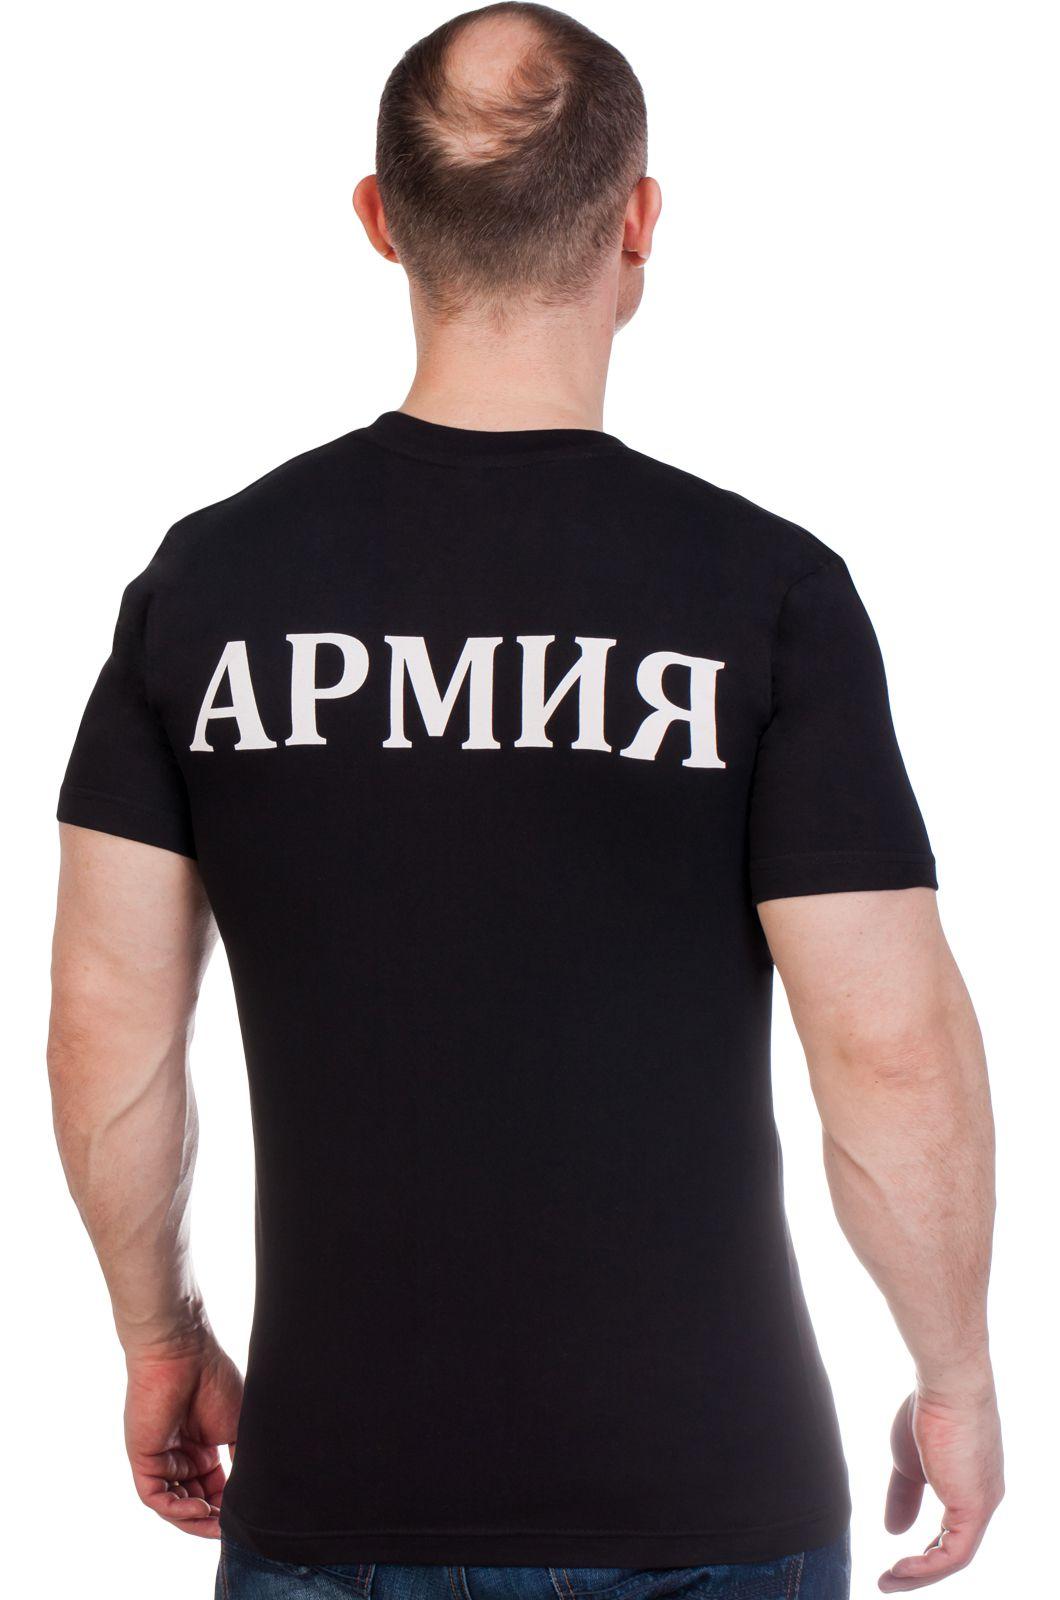 Футболка с надписью «Армия» по сниженной цене